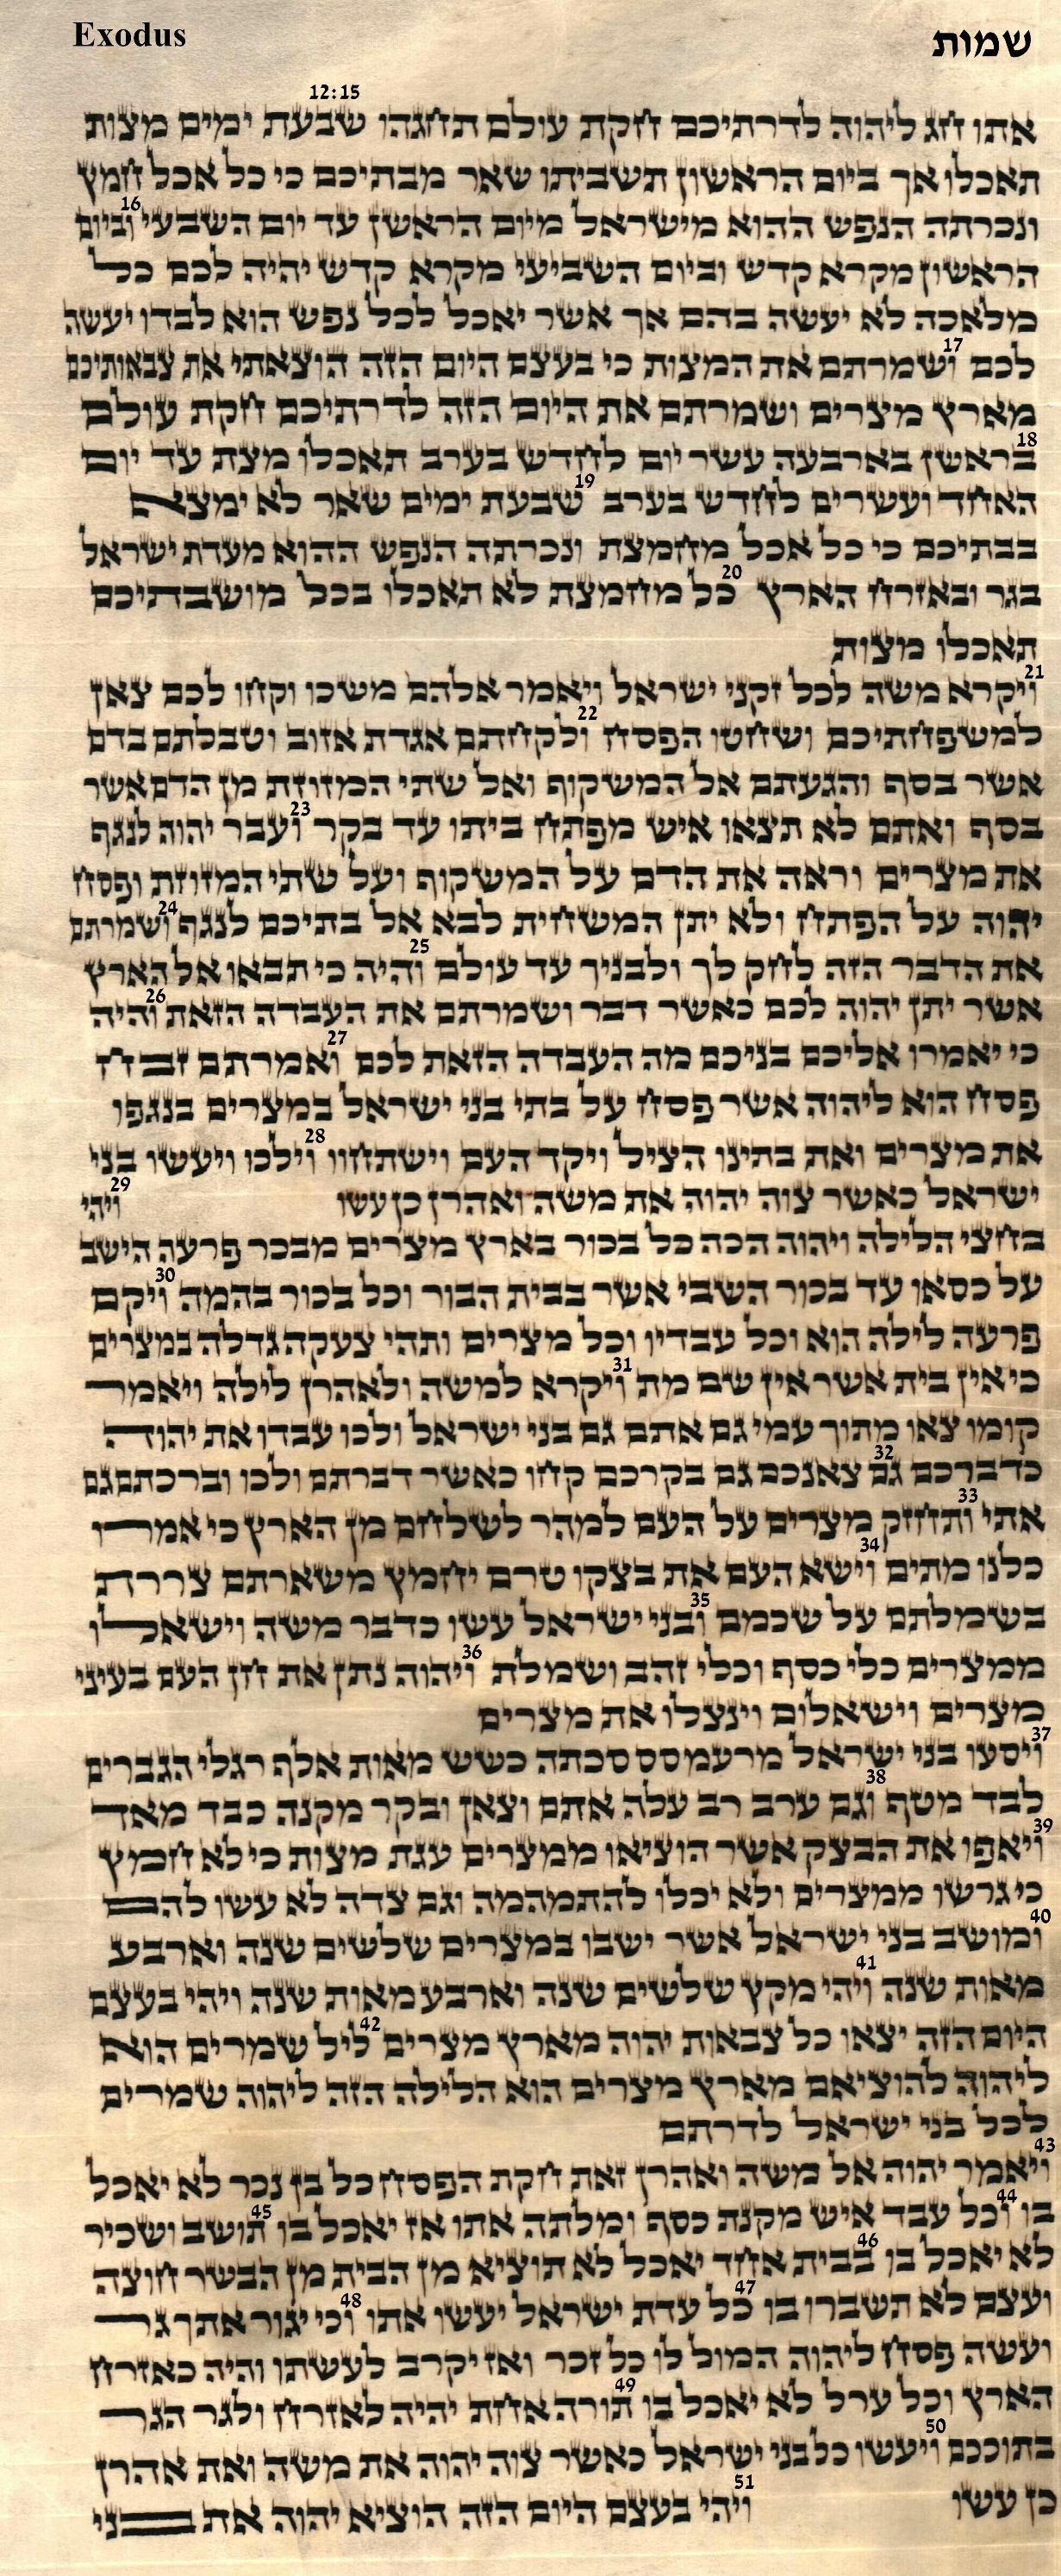 Exodus 12.15 - 12.51